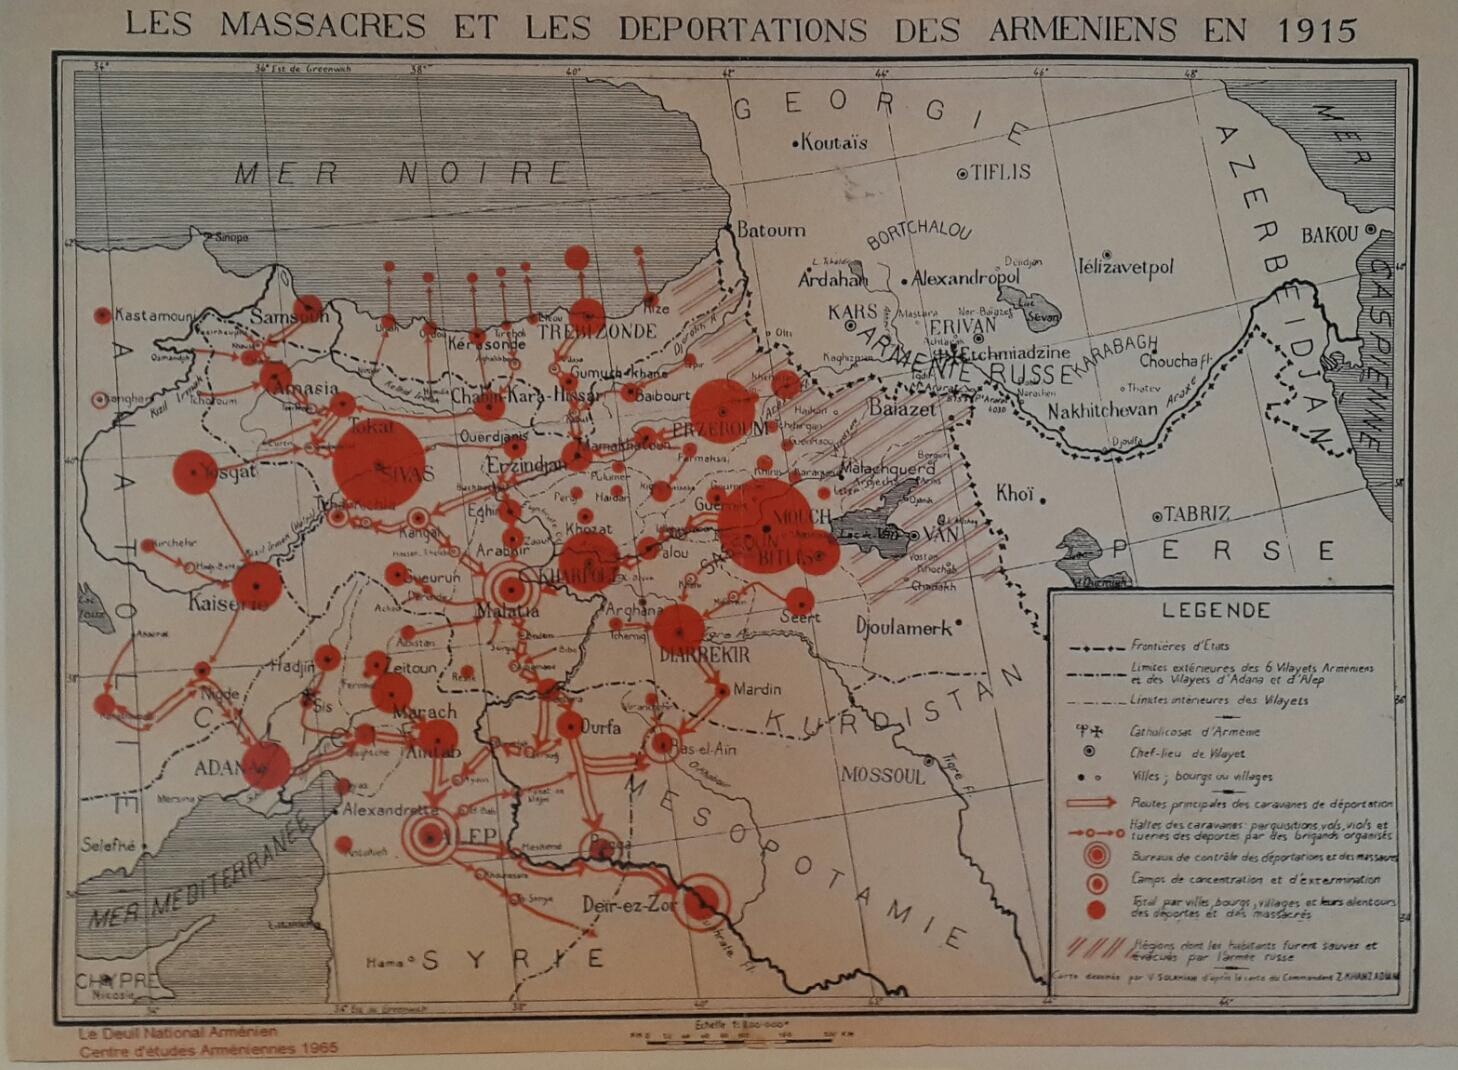 Massacres and Deportations of the Armenians 1915.  Courtesy of Centre d'études Armeniens 1965; Collection IUT Blois, France.